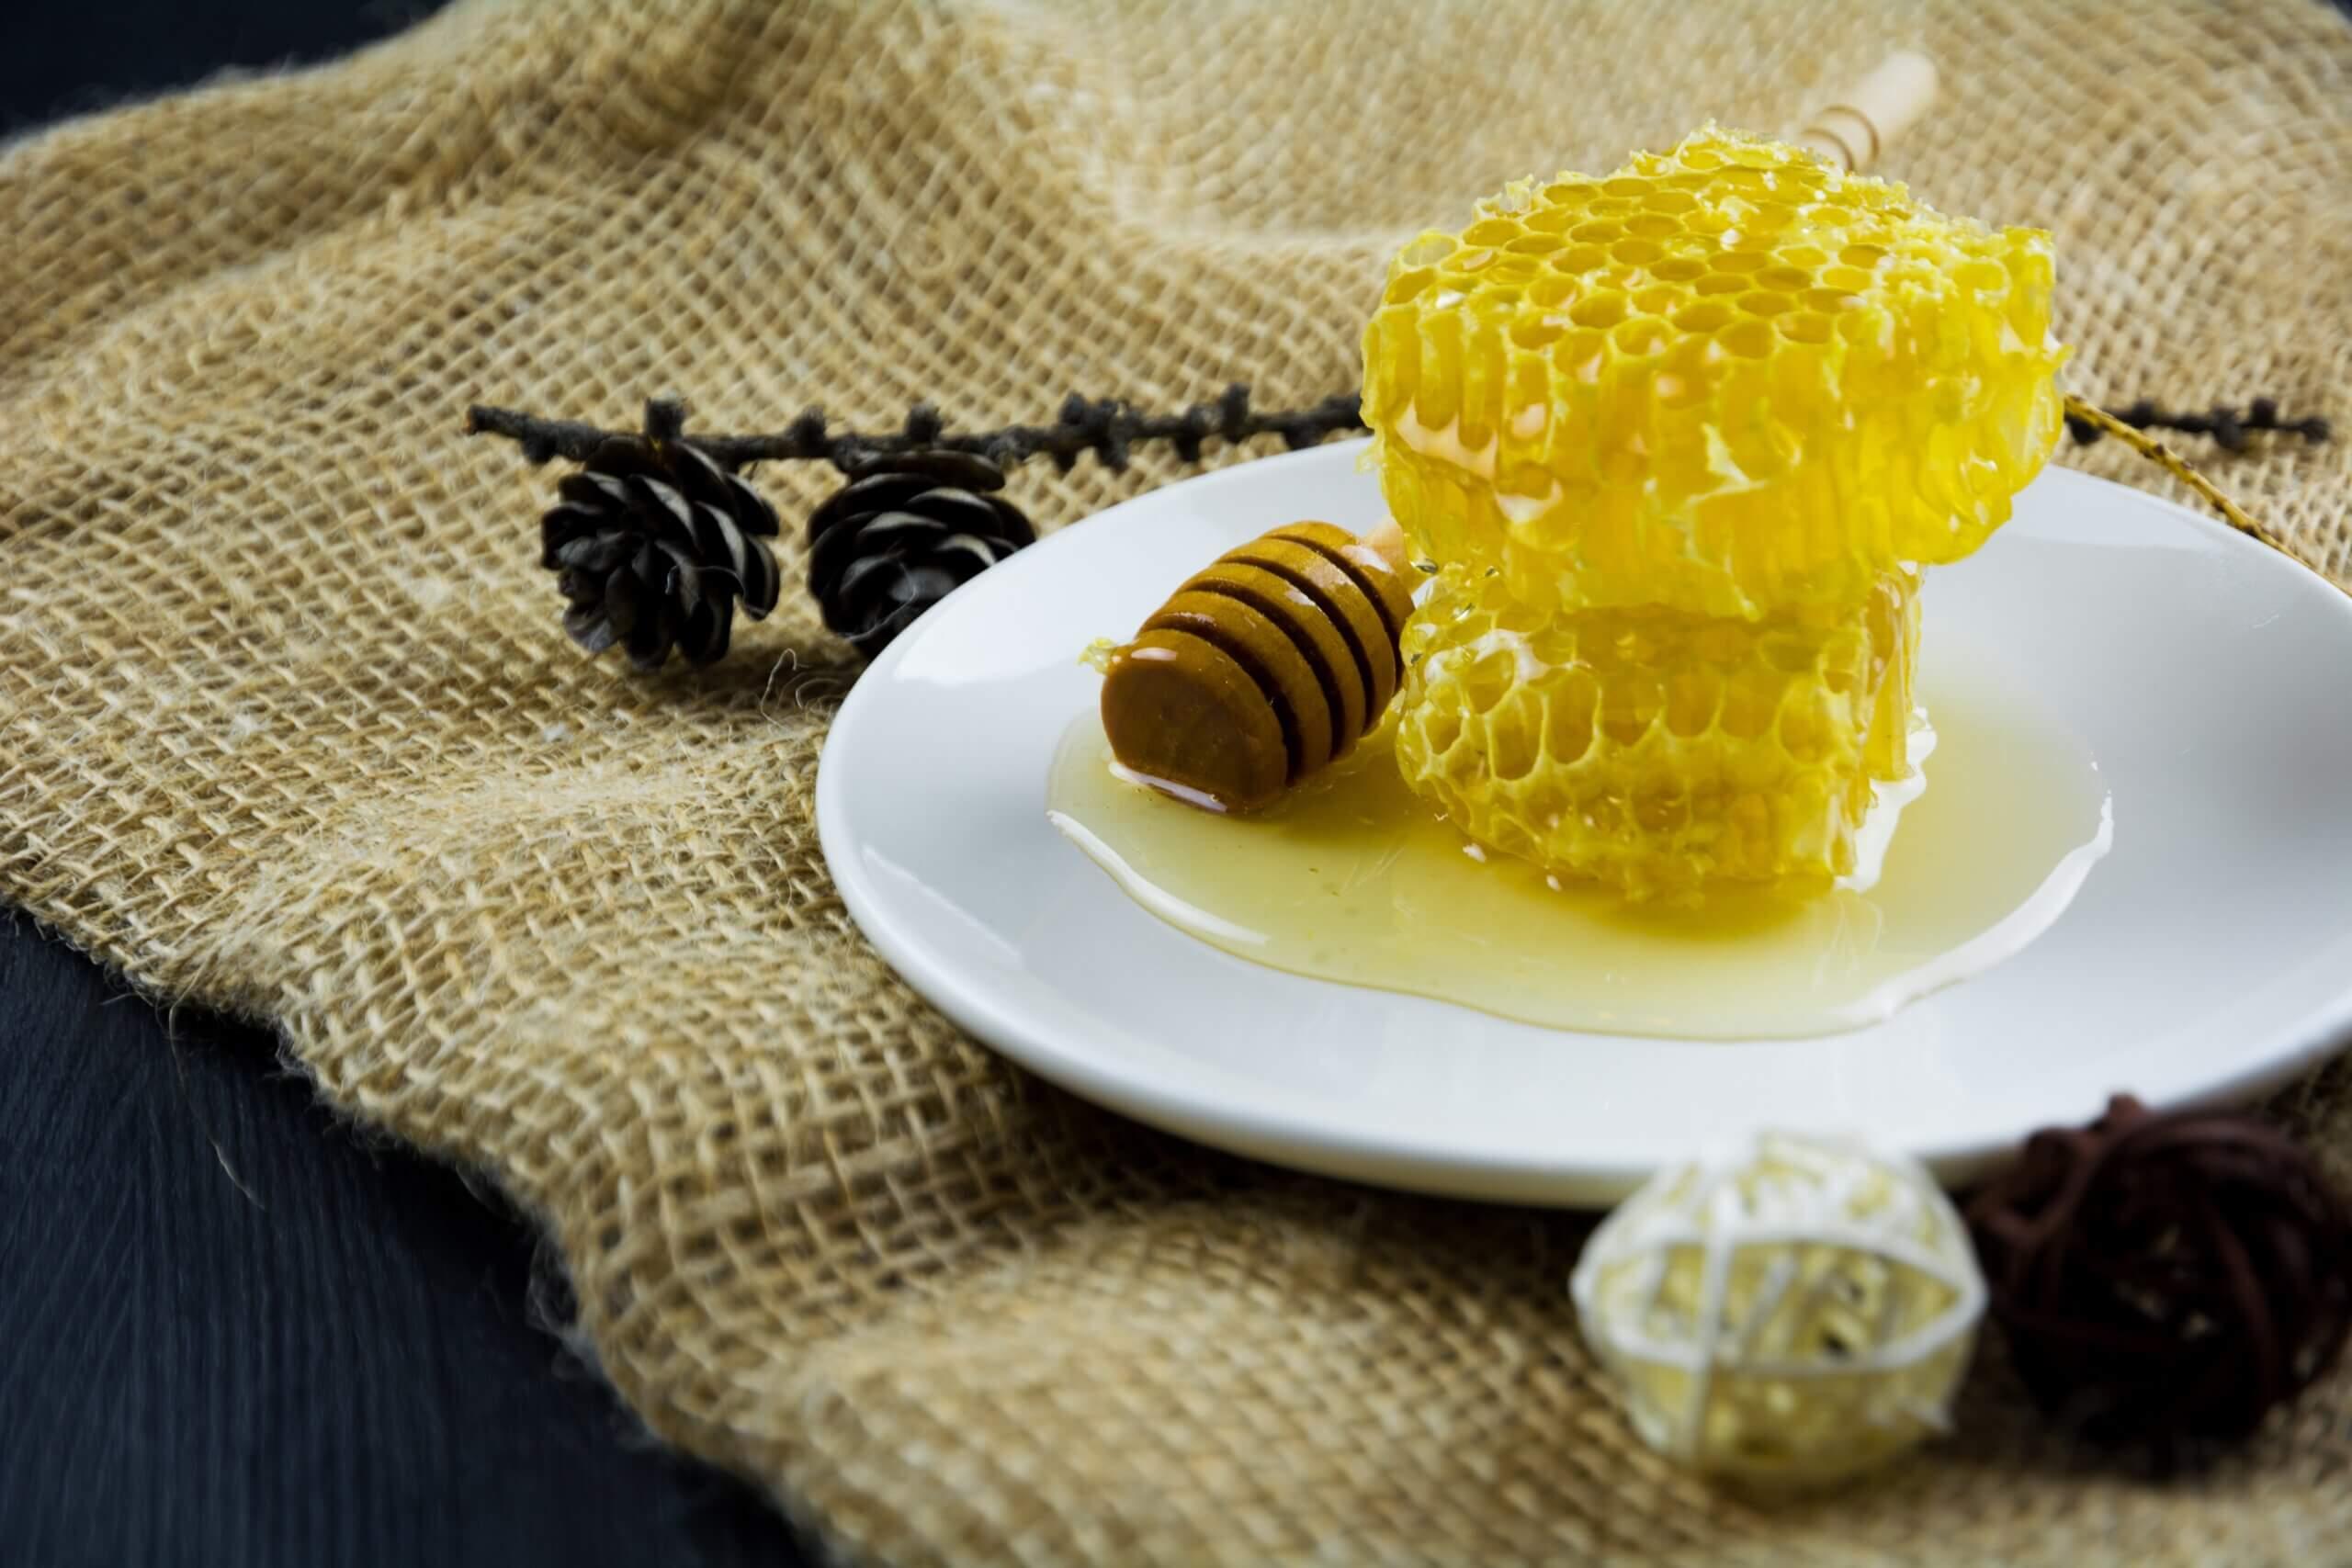 Как отличить настоящий мед от подделки и какие сложности могут возникнуть